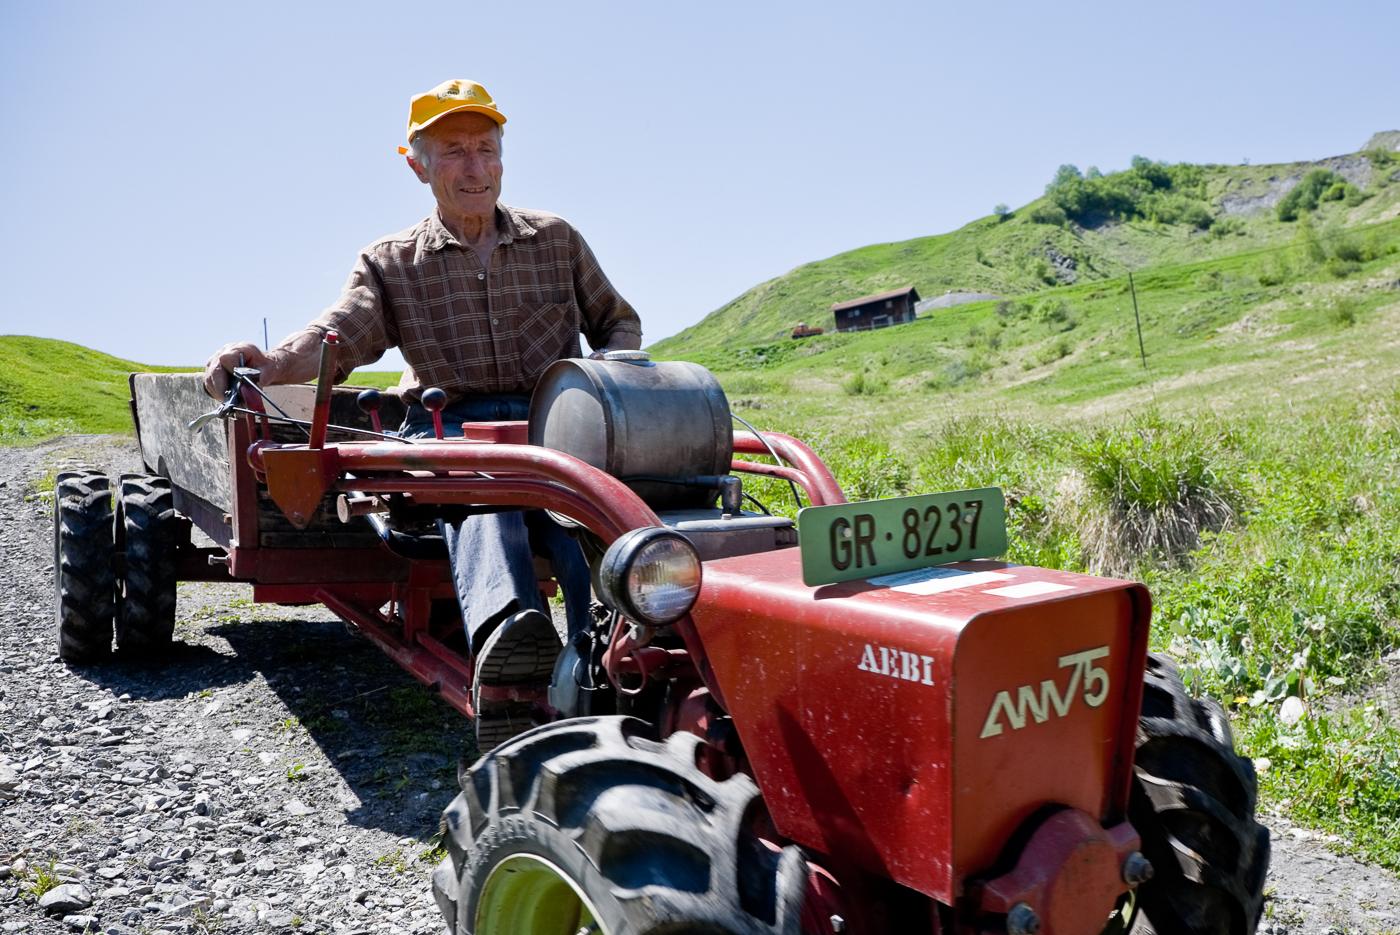 Verner Soler_USA-Switzerland_Visits to my village_06.jpg